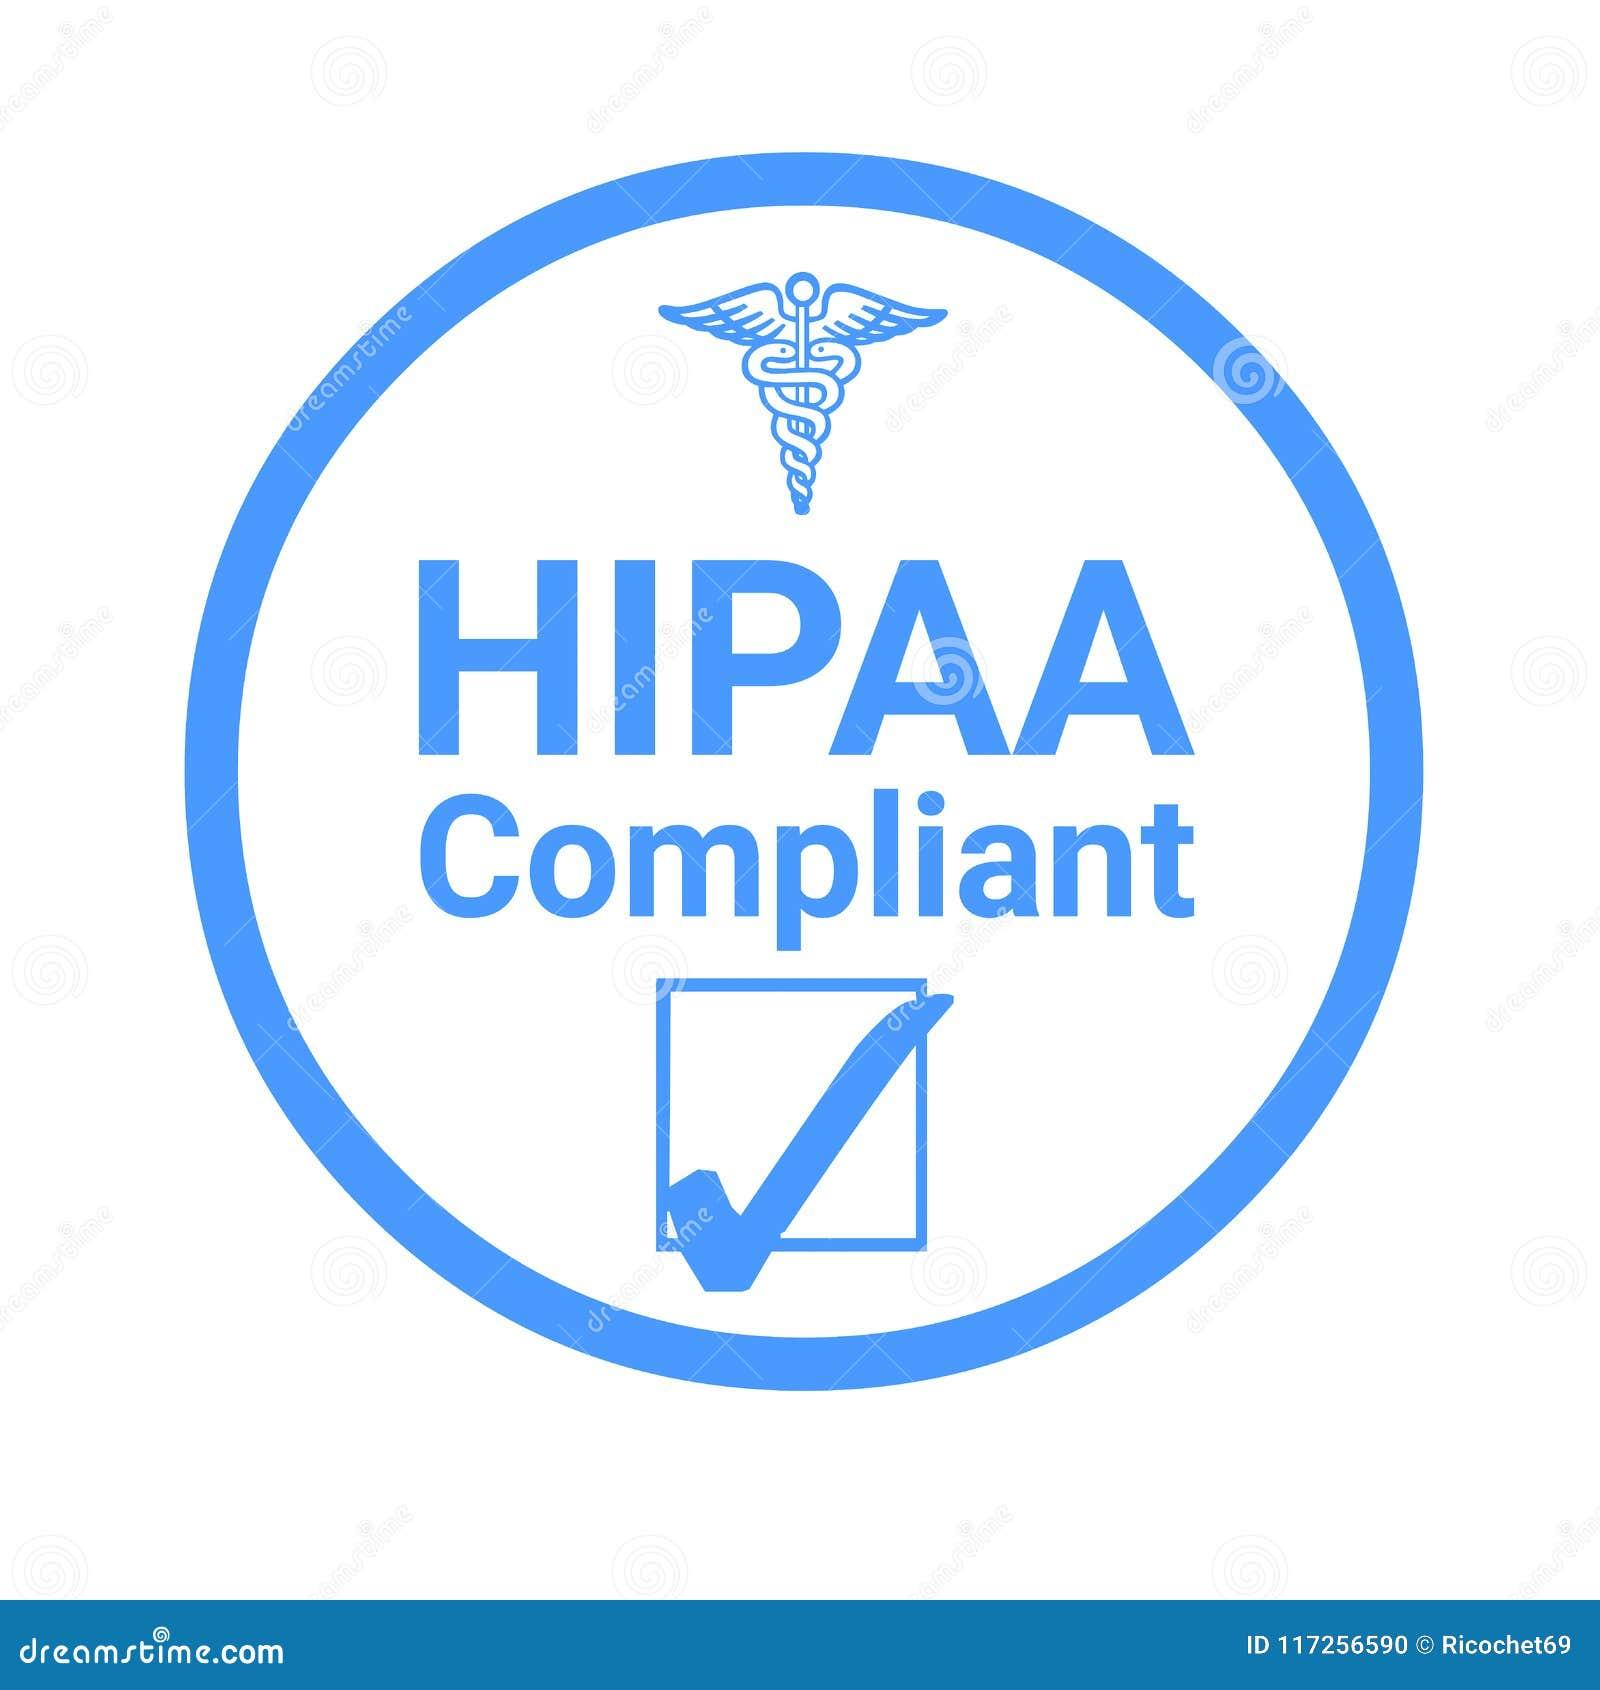 Ilustração do sinal da conformidade de Hipaa